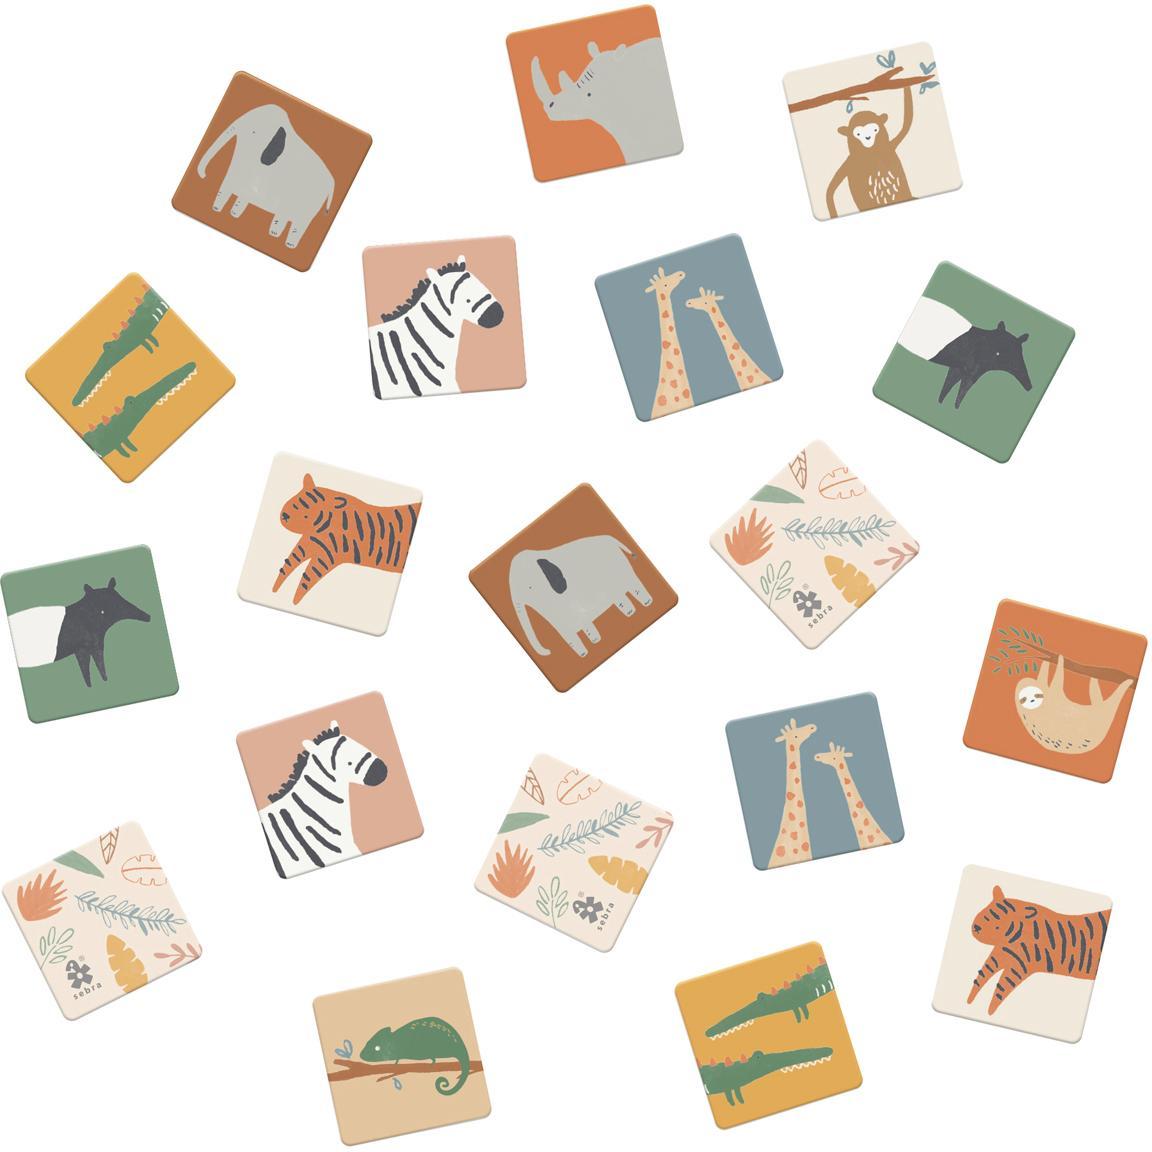 Gra pamięciowa Wildlife, 30 elem., Solidna tektura, Wielobarwny, S 6 x D 6 cm